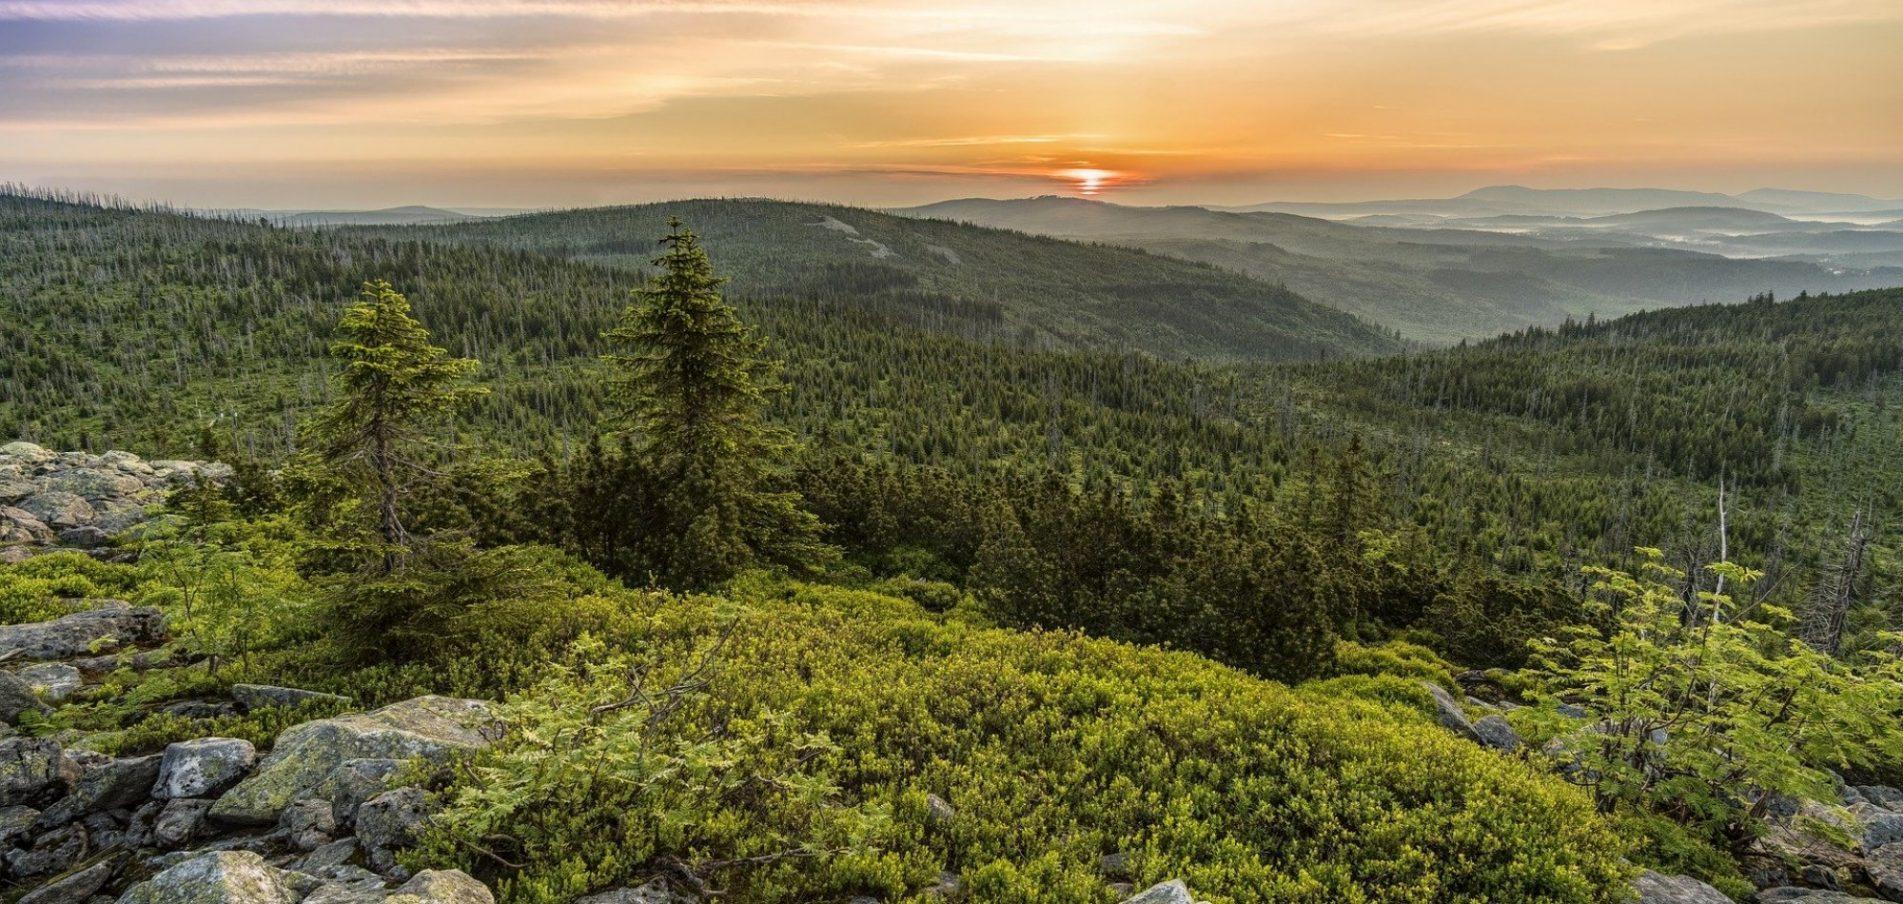 Willkommen im Bayerischen Wald ... der einzige Urwald Deutschlands!